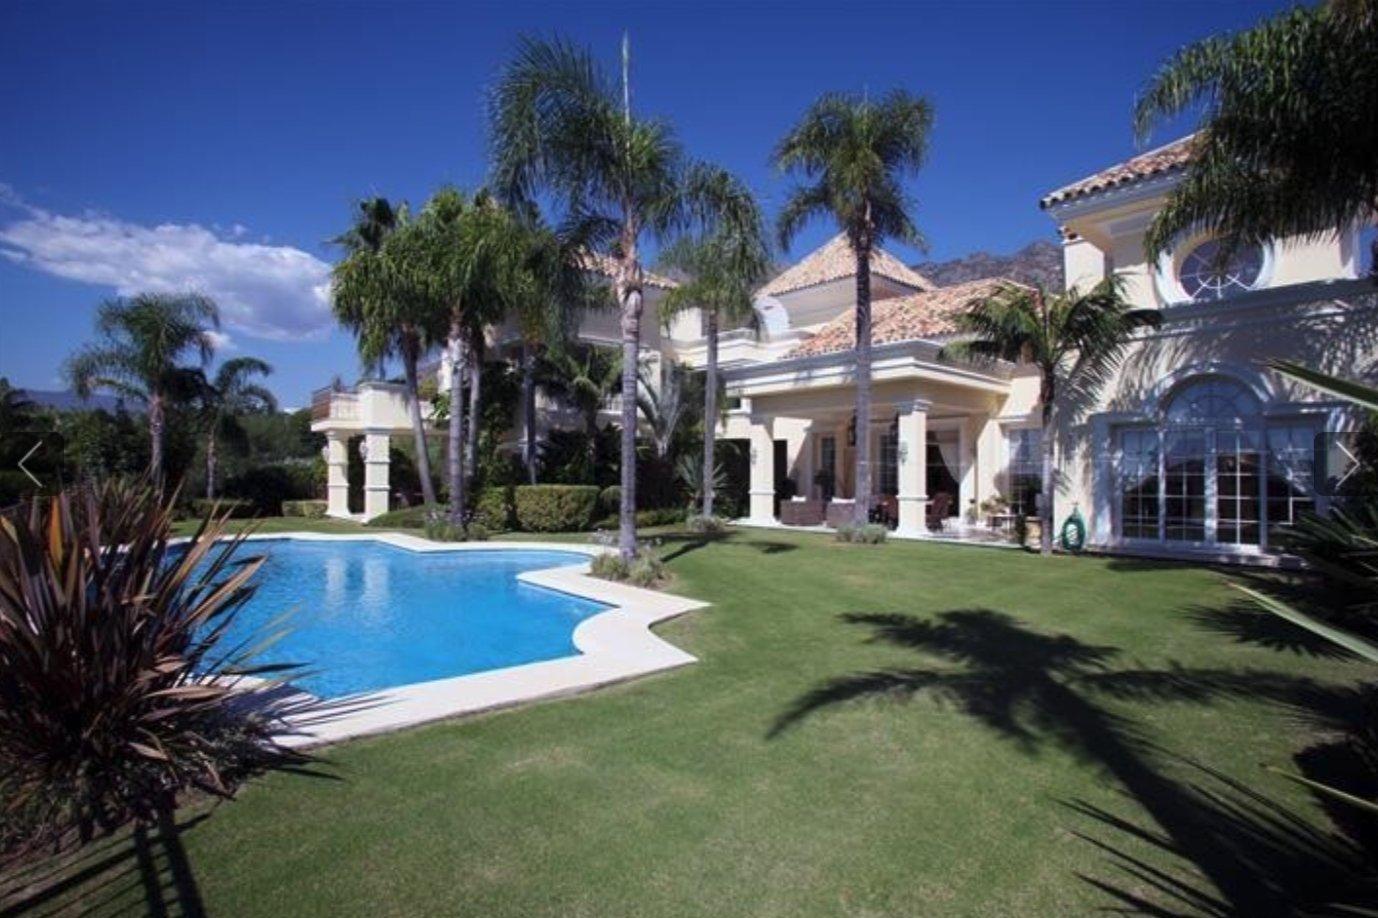 Villa in Marbella, Andalusia, Spain 1 - 11613329